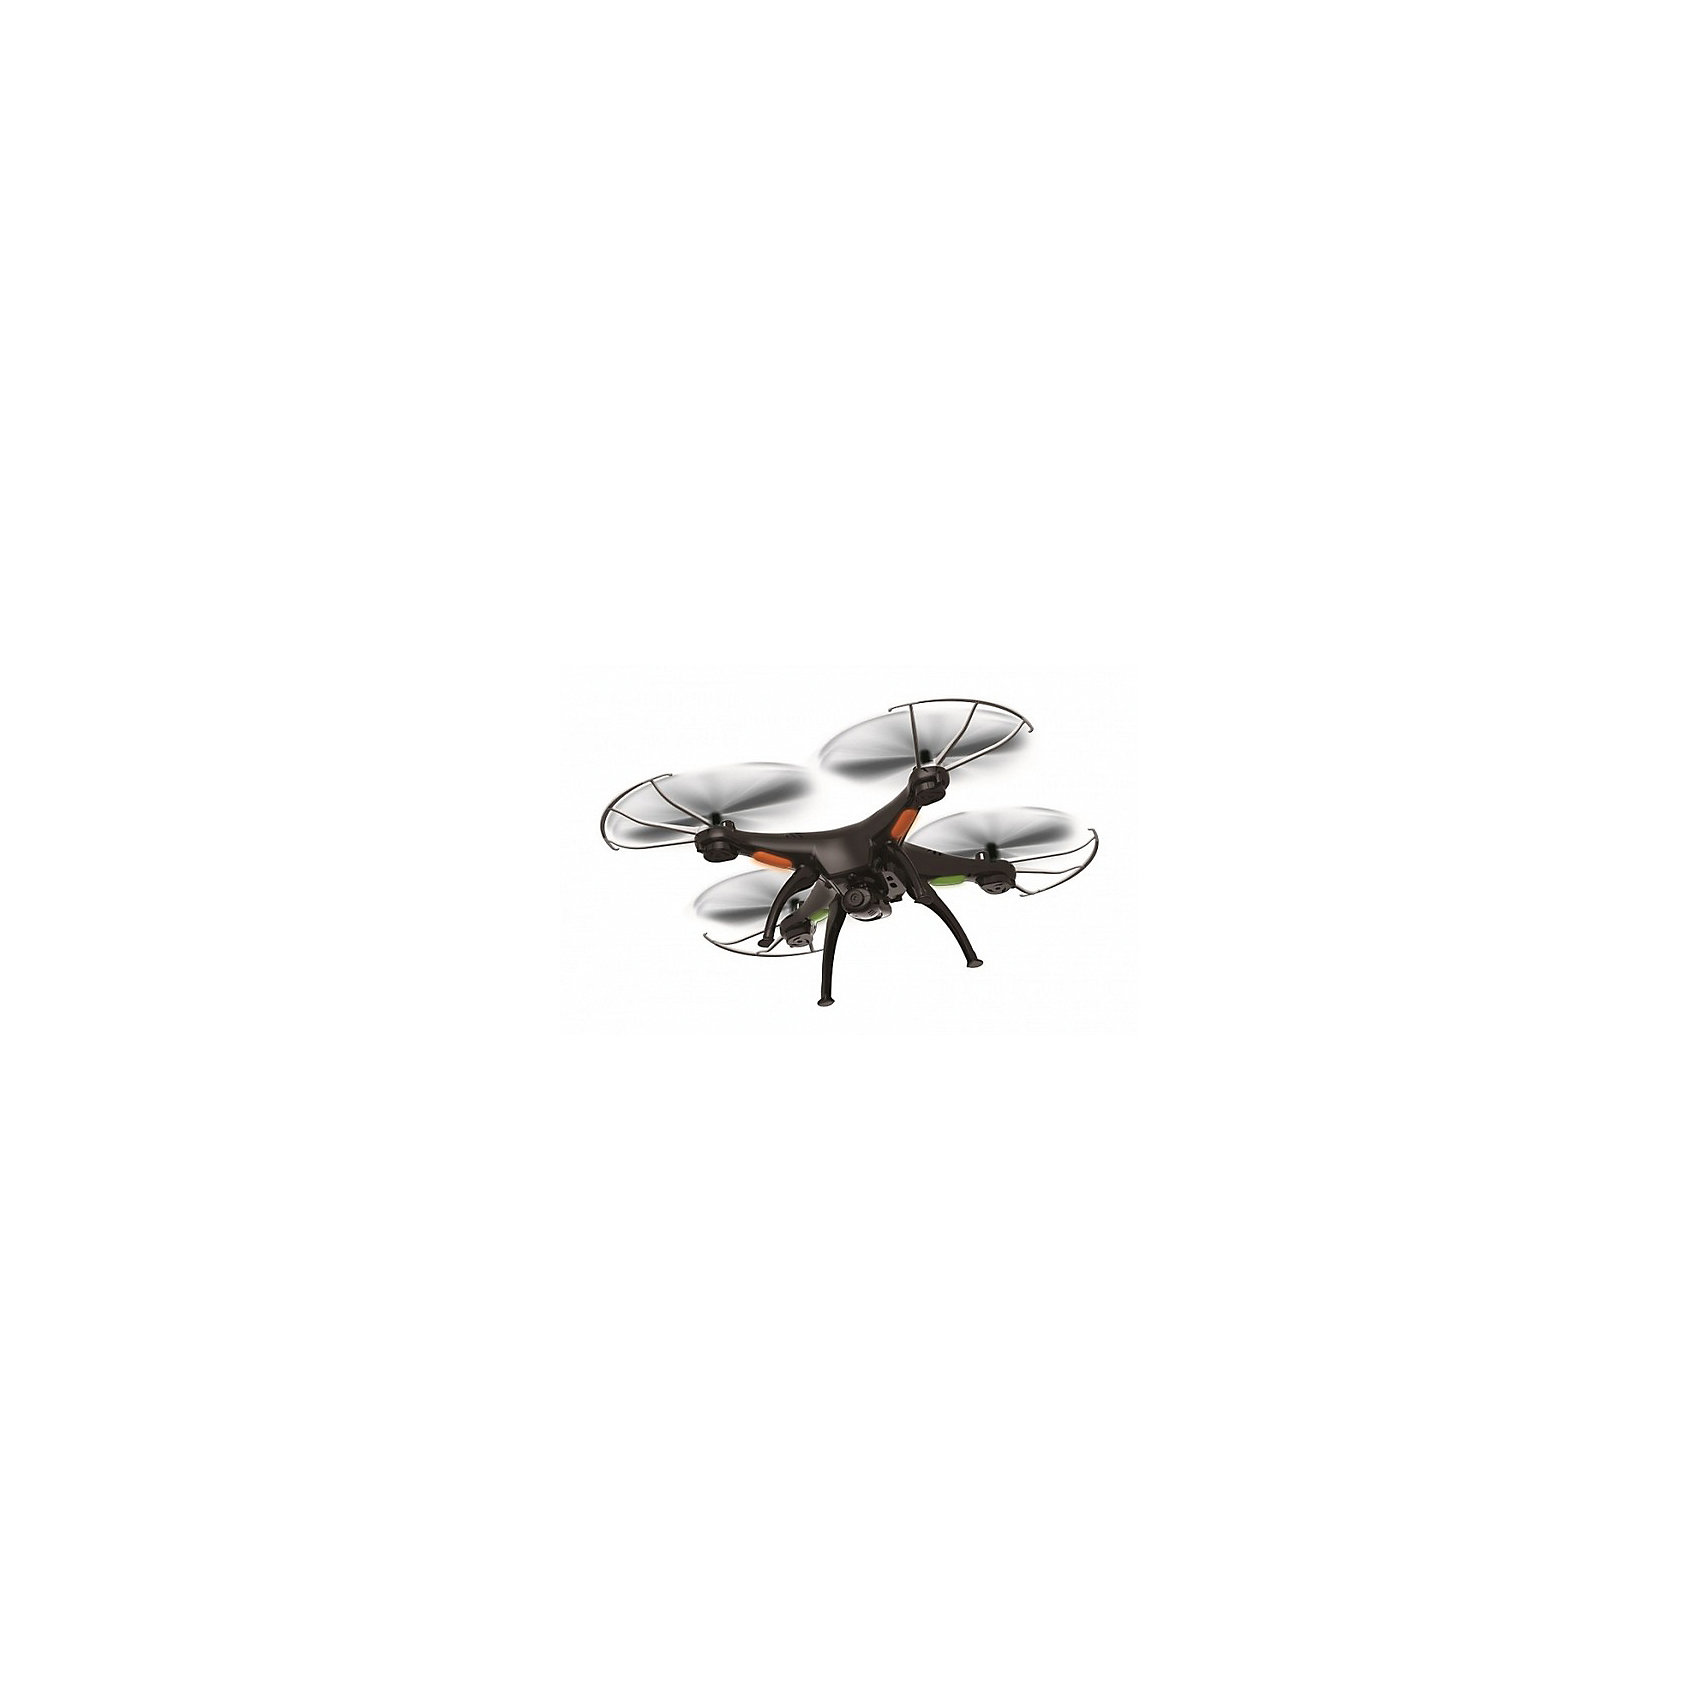 Квадрокоптер р/у Шпион, черный, Властелин небесРадиоуправляемый транспорт<br>Квадрокоптер р/у Шпион, черный, Властелин небес<br><br>Характеристики:<br><br>• встроенная камера 2 Мп<br>• функция фото- и видеосъемки, возможность трансляции на смартфон<br>• режим автоориентации<br>• время игры: до 10 минут<br>• время зарядки: около 50 минут<br>• дальность действия: 100 метров<br>• частота р/у: 2.4 ГГц<br>• аккумулятор: 3.7V, Li-poly<br>• размер игрушки: 31х31х11 см<br>• материал: пластик, металл<br>• в комплекте: квадрокоптер, пульт управления, крепление для смартфона, USB кабель, аккумулятор, запасные винты, отвертка, инструкция<br>• батарейки: АА - 4 шт. (не входят в комплект)<br>• цвет: черный<br><br>Квадрокоптер Шпион - действительно фантастическая игрушка для детей и взрослых. Он оснащен встроенной камерой 2 Мп, которая позволяет делать фото и видео в процессе полета. Кроме того, вы можете воспользоваться надежным креплением для смартфона и наблюдать за красотой полета в реальном времени! Высокая дальность действия позволит вам сделать красивые фото, не сходя с места. Квадрокоптер оснащен функцией HEADLESS MODE, при включении которой игрушка автоматически ориентируется в пространстве и распознает, какая сторона должна быть задом, а какая передом. В комплект входят запасные детали на случай поломки. Время игры при полной зарядке - до 10 минут.<br>Необходимы четыре батарейки АА (не входят в комплект).<br><br>Квадрокоптер р/у Шпион, черный, Властелин небес можно купить в нашем интернет-магазине.<br><br>Ширина мм: 95<br>Глубина мм: 410<br>Высота мм: 340<br>Вес г: 1130<br>Возраст от месяцев: 120<br>Возраст до месяцев: 2147483647<br>Пол: Мужской<br>Возраст: Детский<br>SKU: 5397119